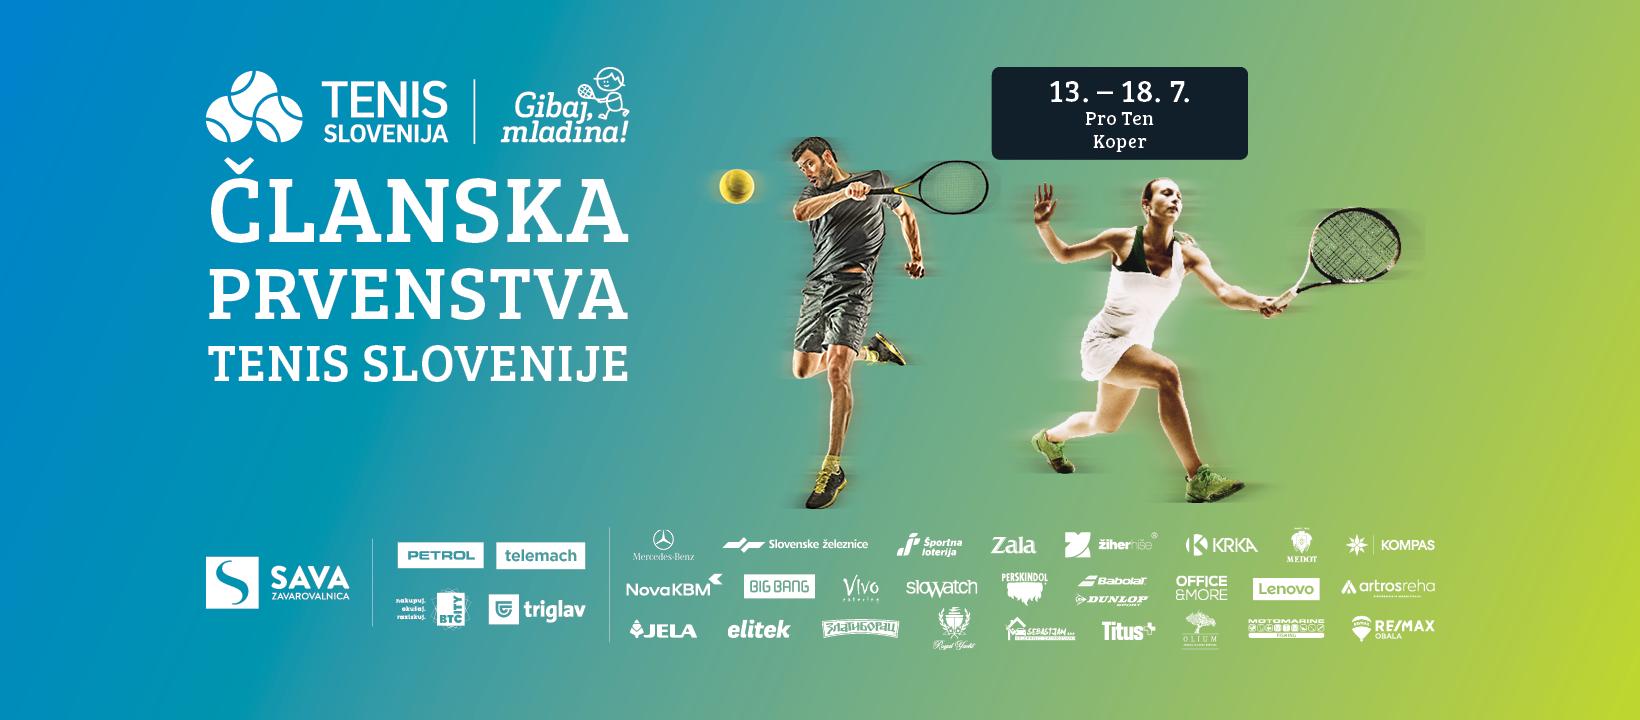 Clanska Prvenstva 2021 FB cover 1640x720px Pro Ten Koper jul2021 1 - Vabilo na UTR pozivni turnir v Kopru z nagradnim skladom 3 tisoč evrov